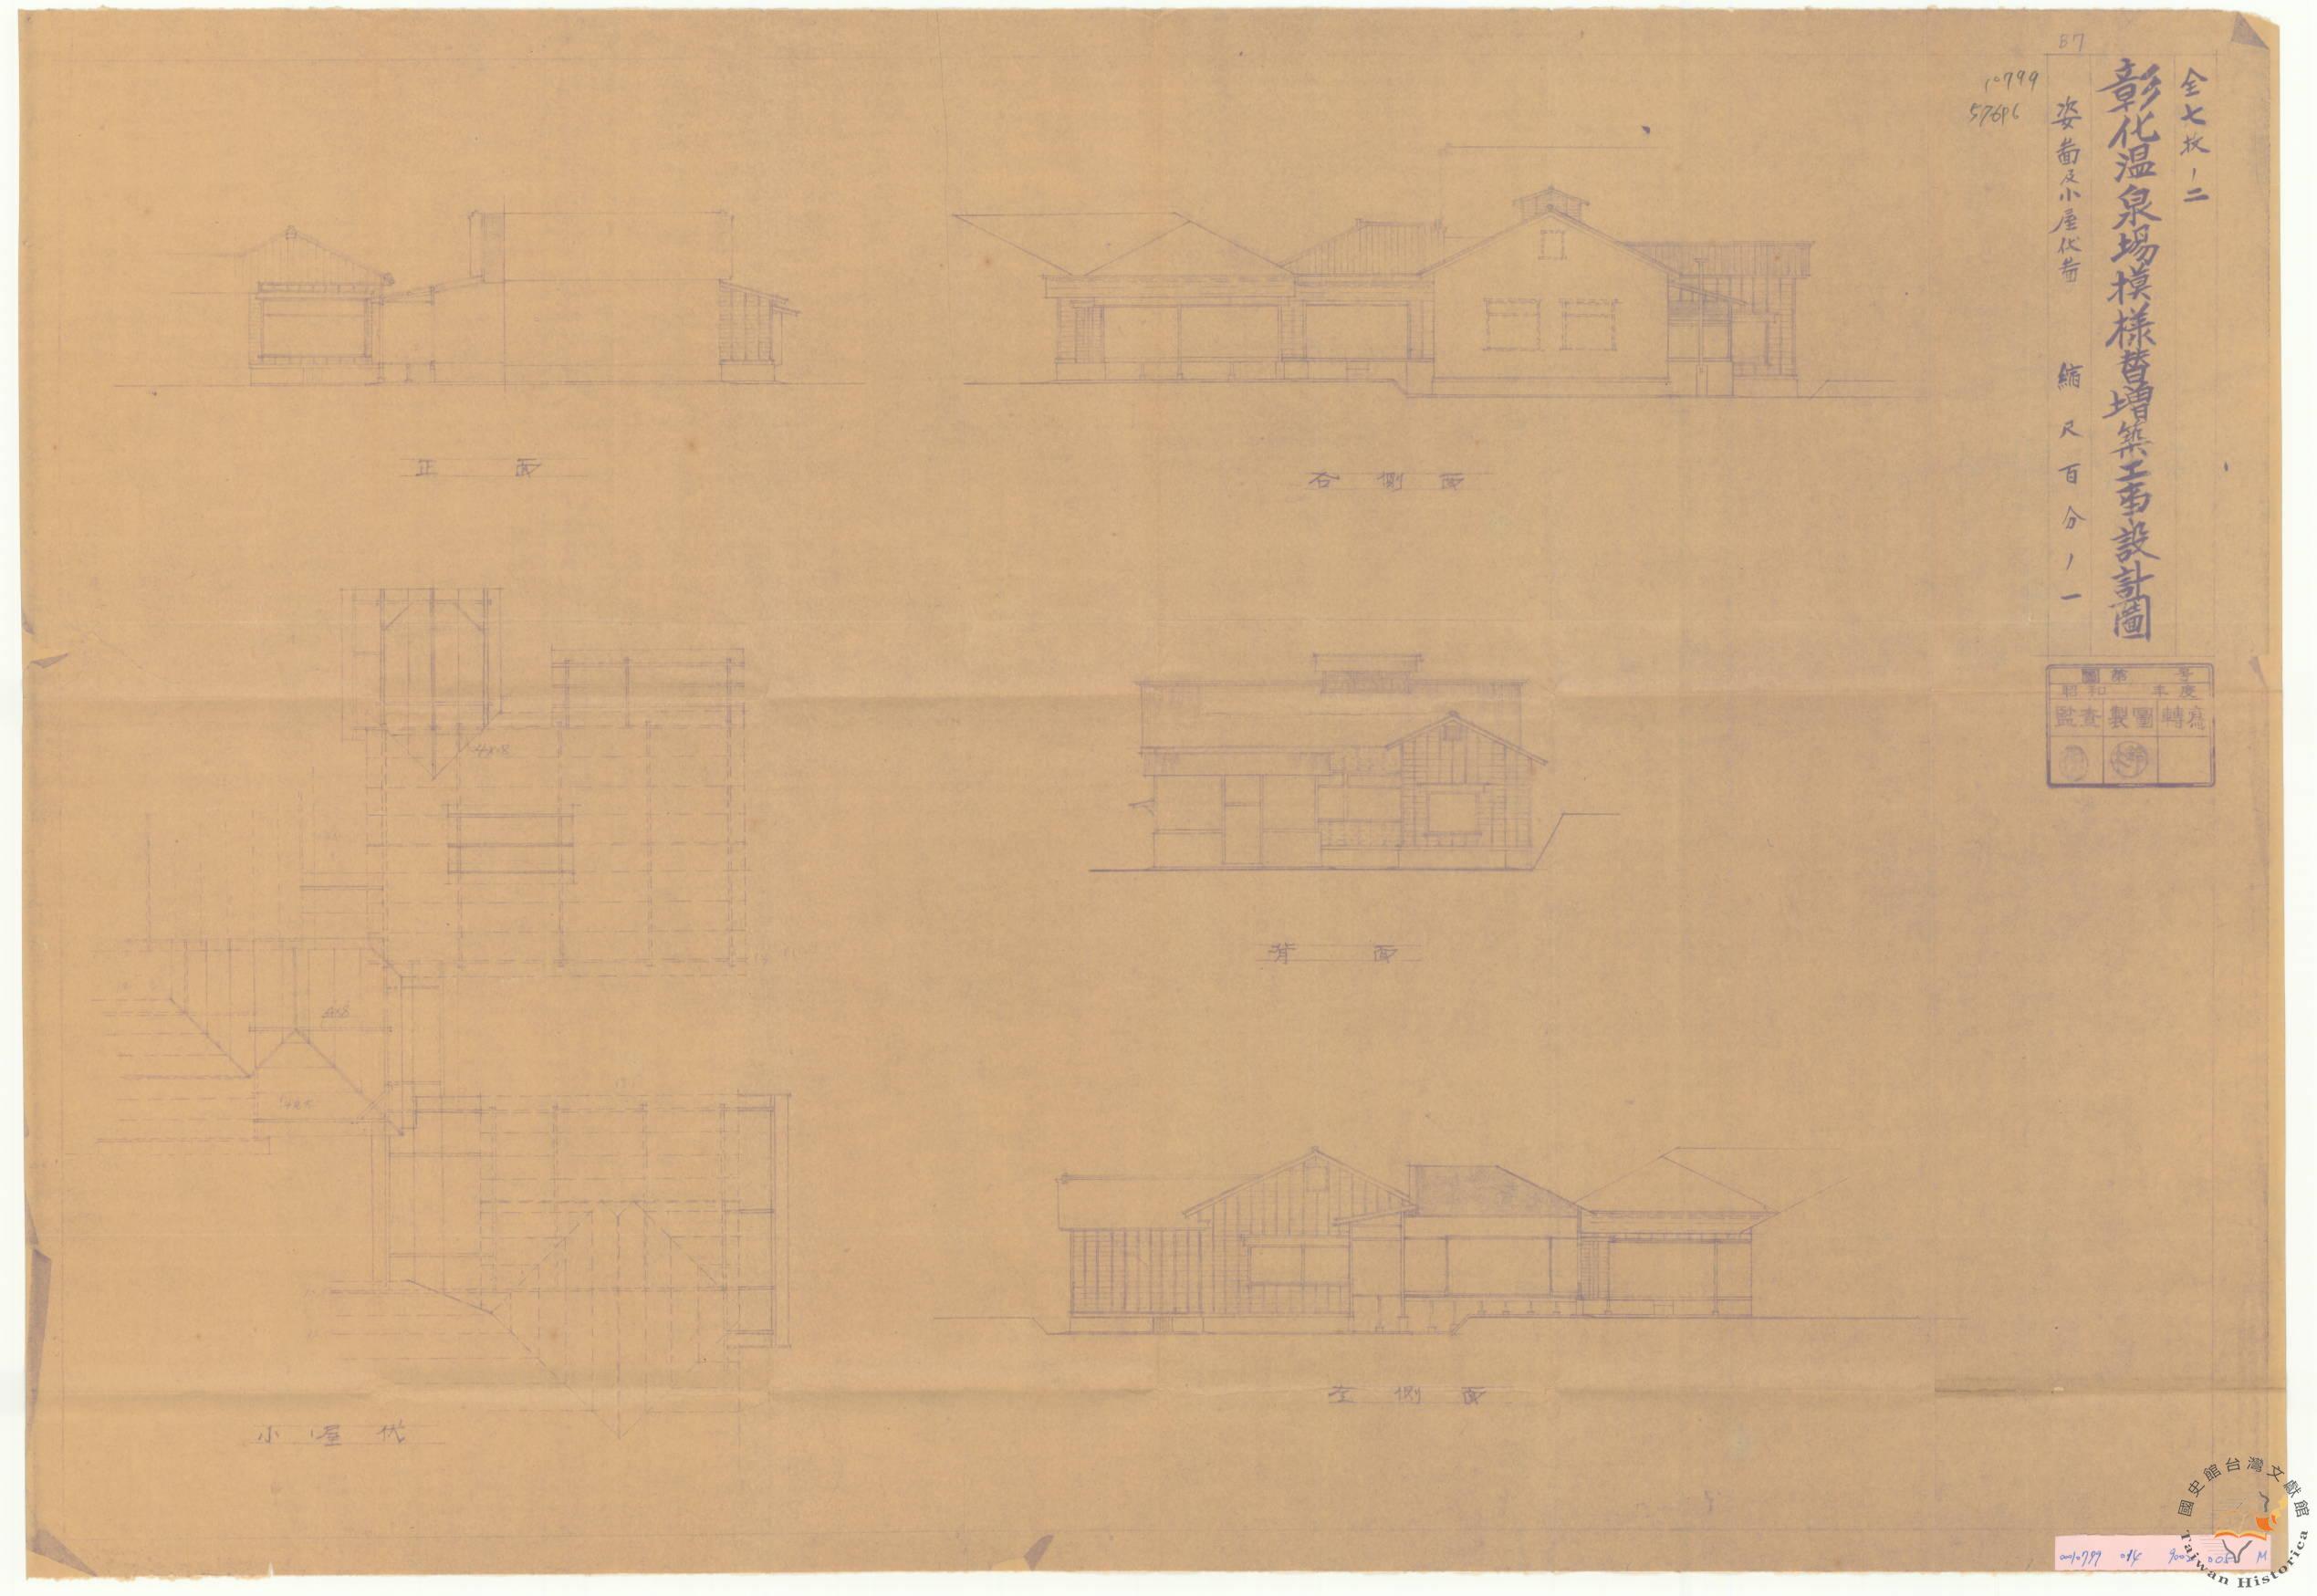 圖五:彰化溫泉場模樣替增築工事設計圖(資料來源:臺灣總督府檔案000107990149002005M)